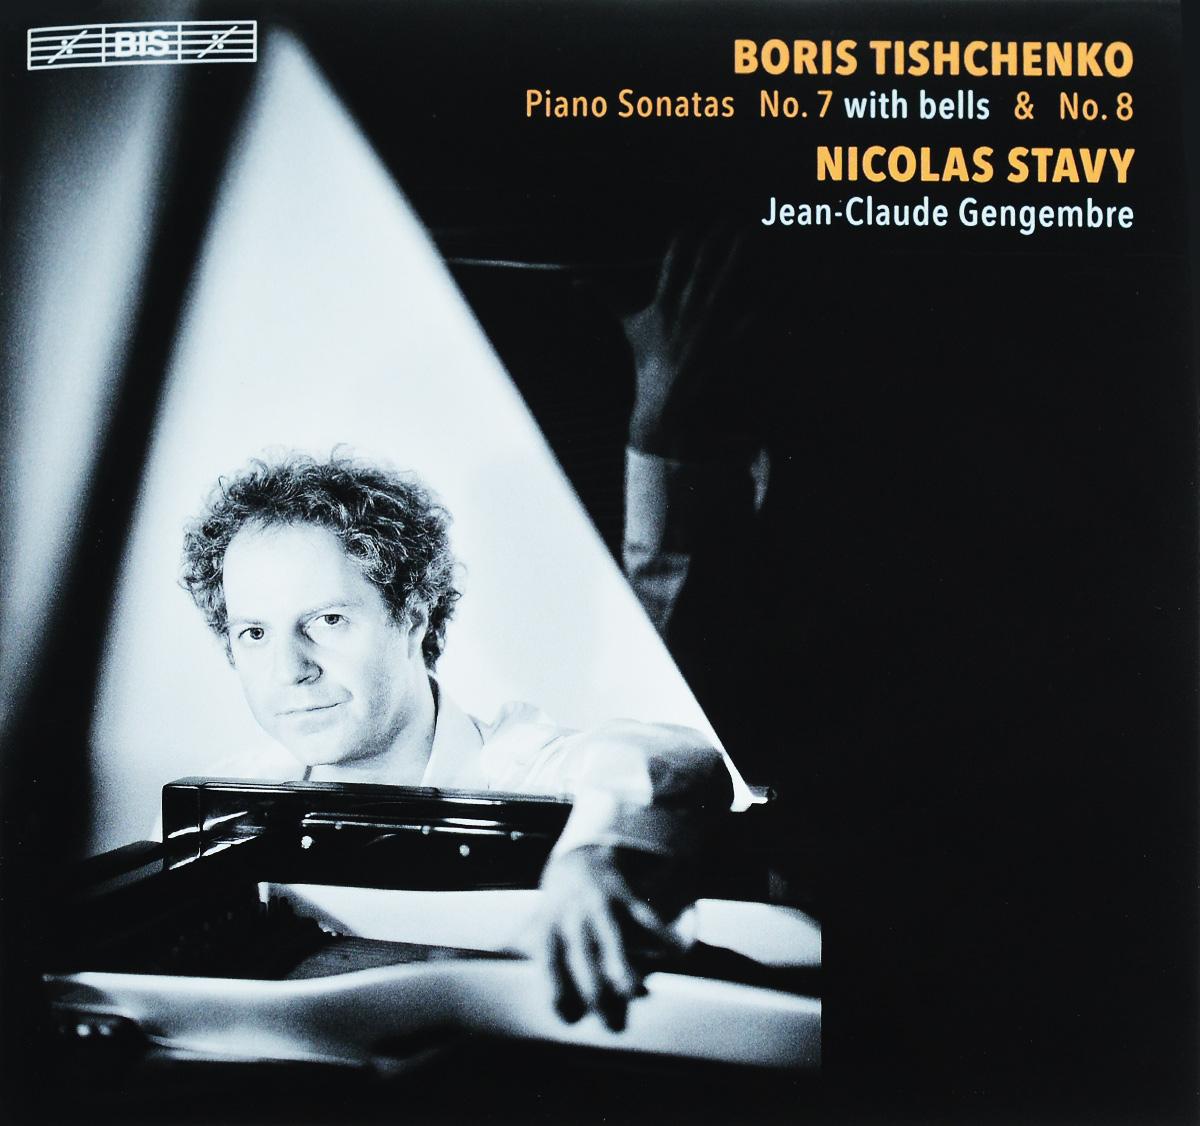 Nicolas Stavy,Jean-Claude Gengembre Nicolas Stavy. Boris Tishchenko. Piano Sonatas Nos 7 & 8 (SACD) nicolas